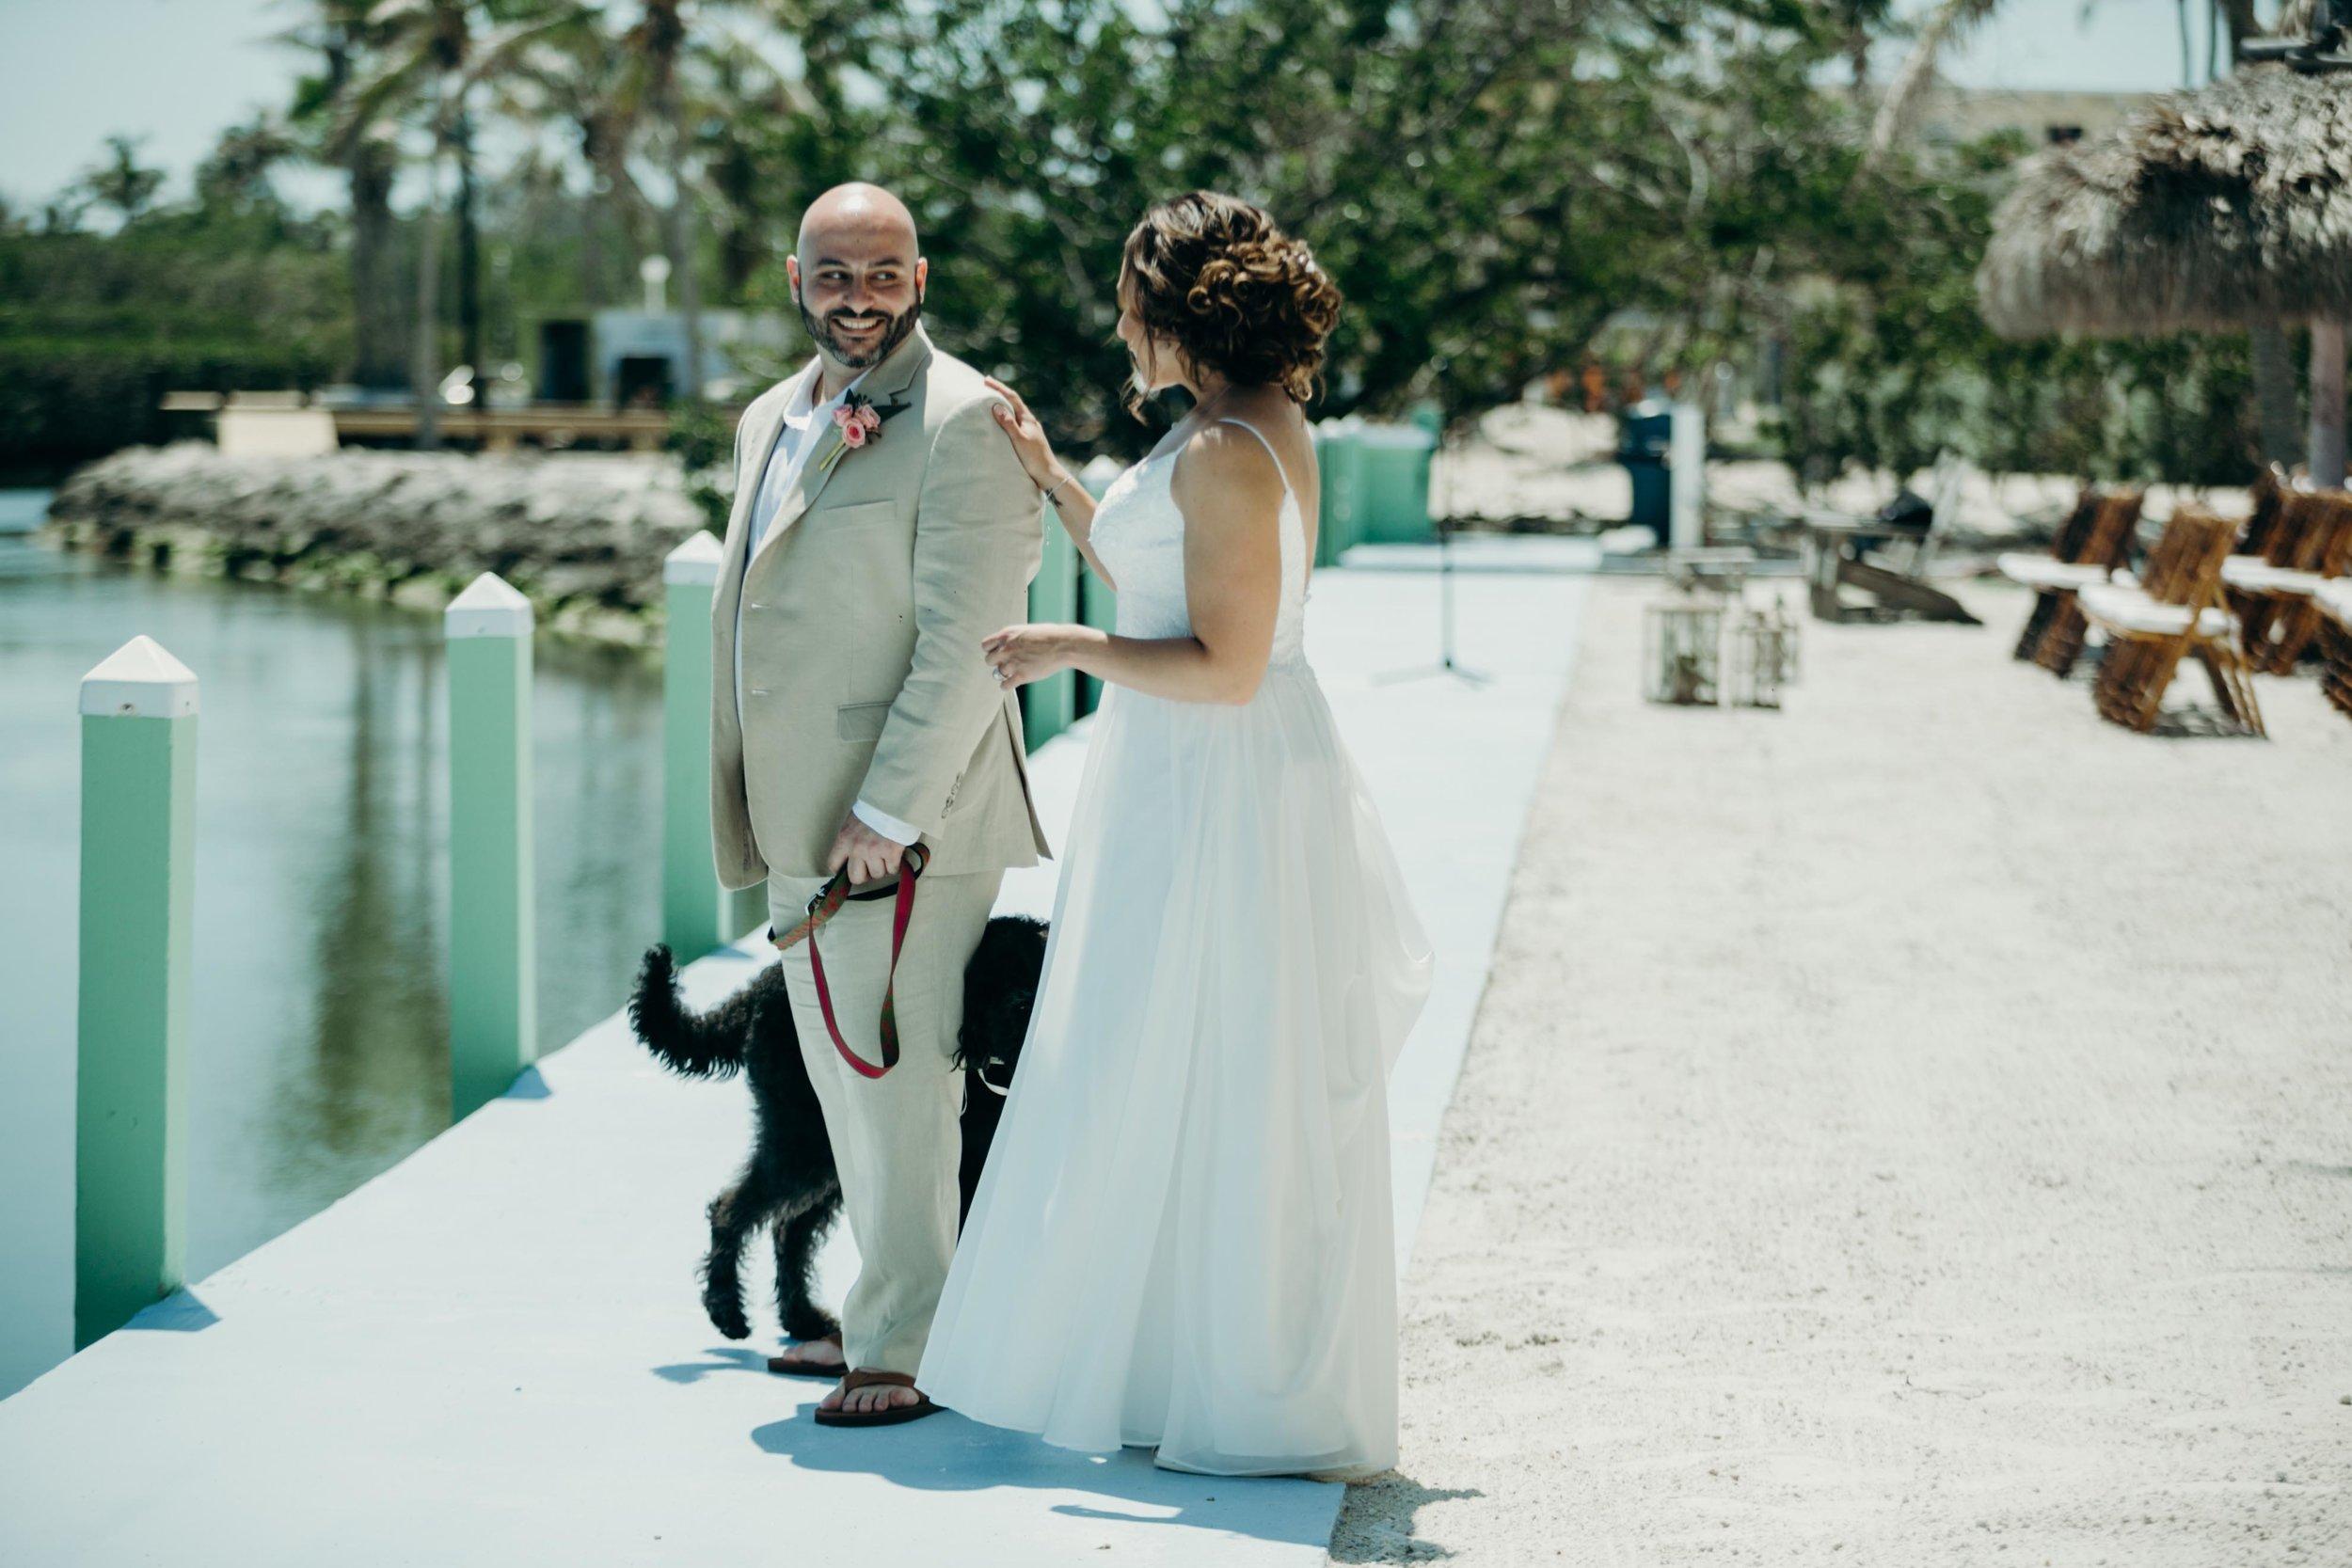 fotografia matrimonio Florida24.jpg